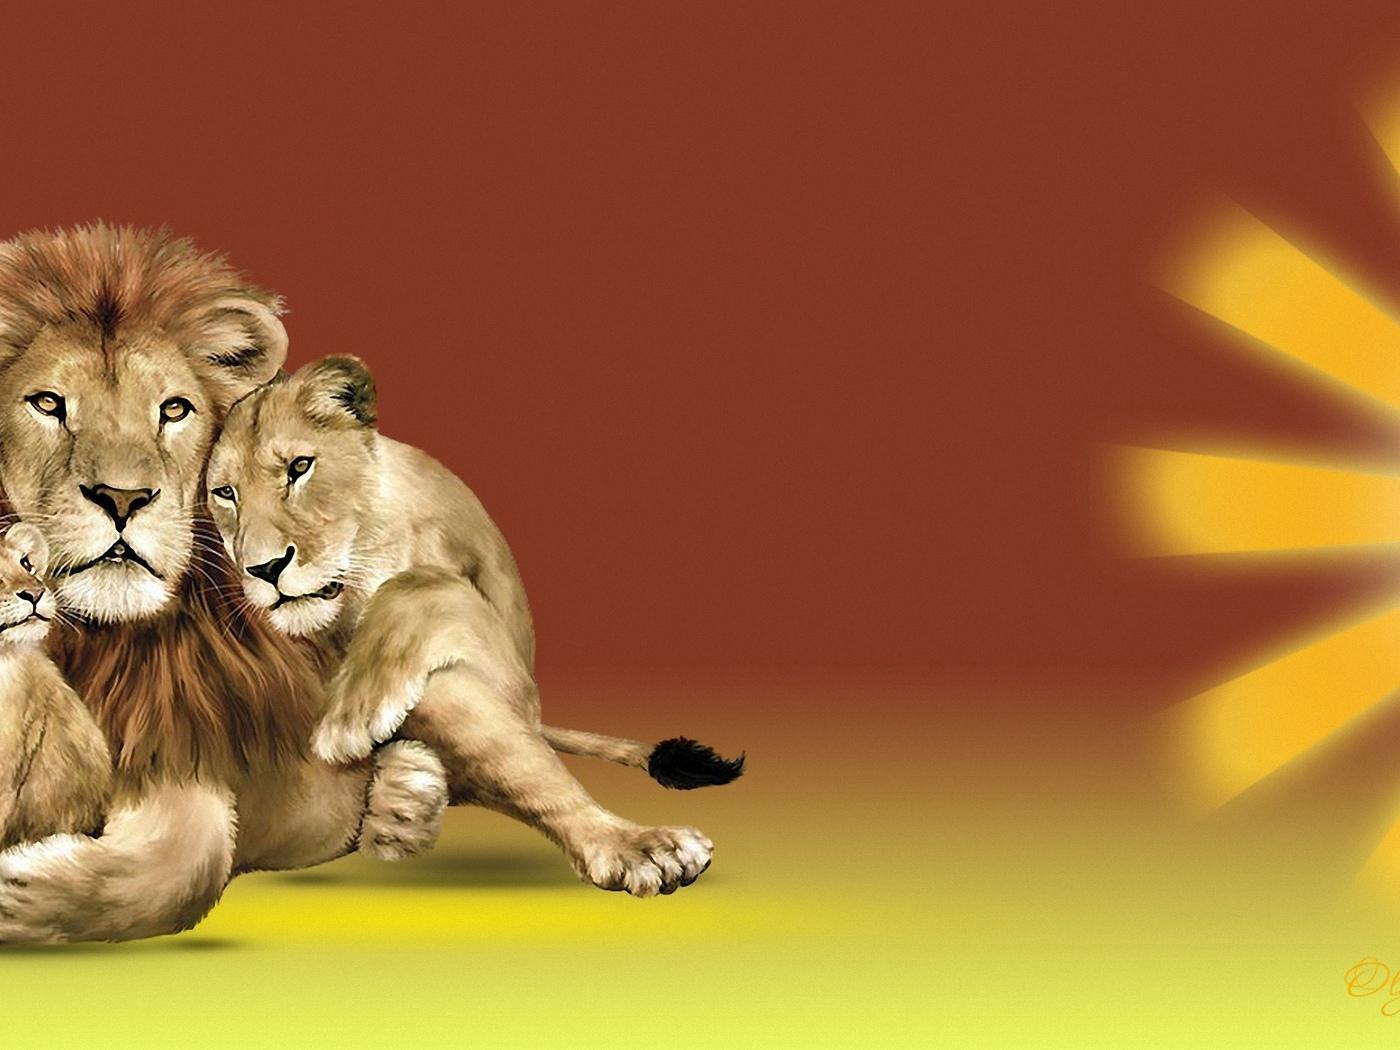 лев, львица, львенок, солнце